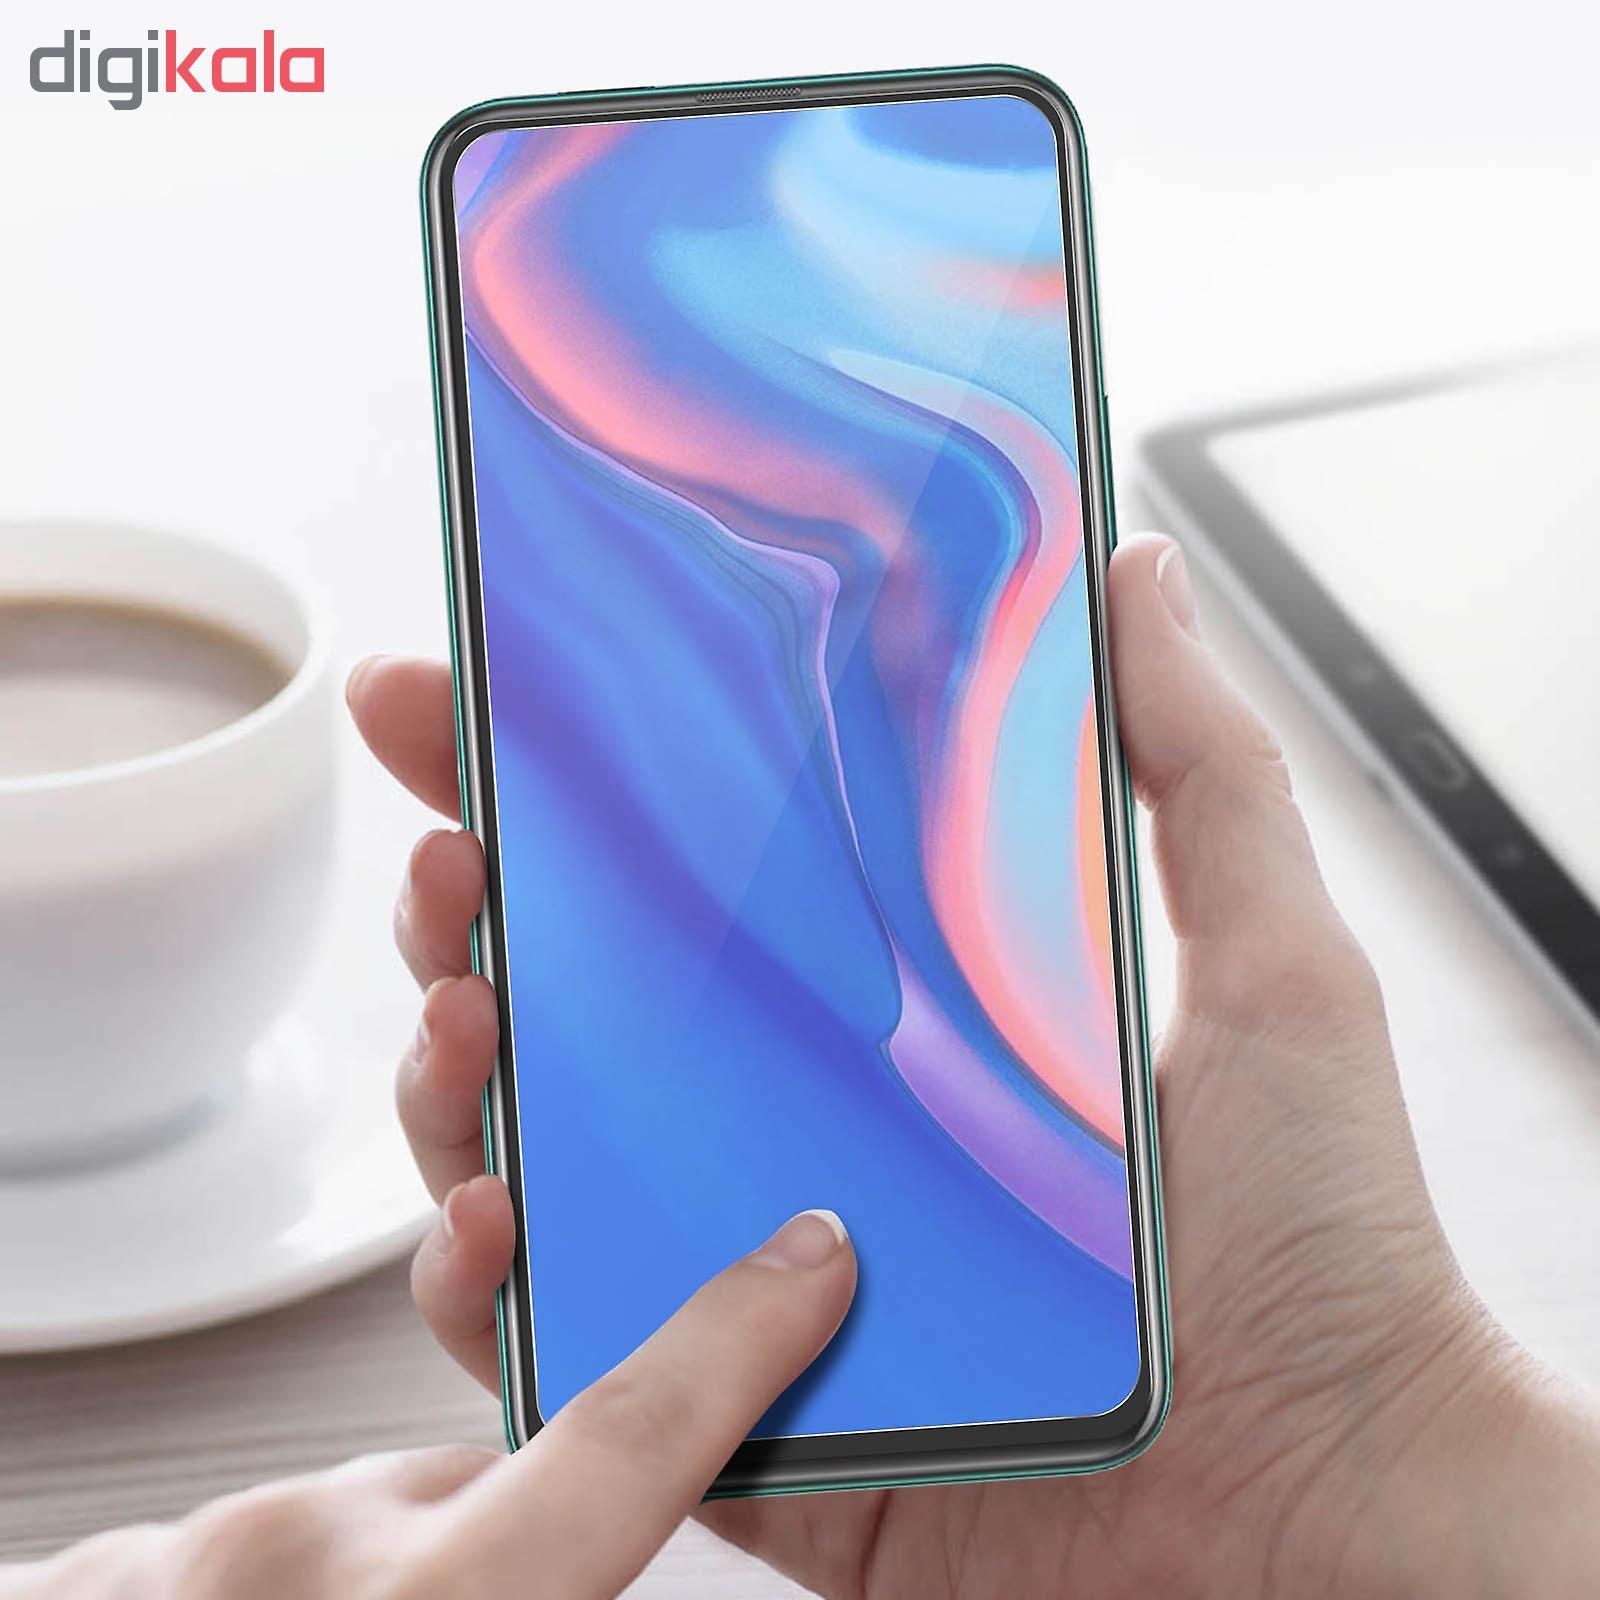 محافظ صفحه نمایش لاین مدل  RB007 مناسب برای گوشی موبایل هوآوی Y9 Prime 2019 main 1 6